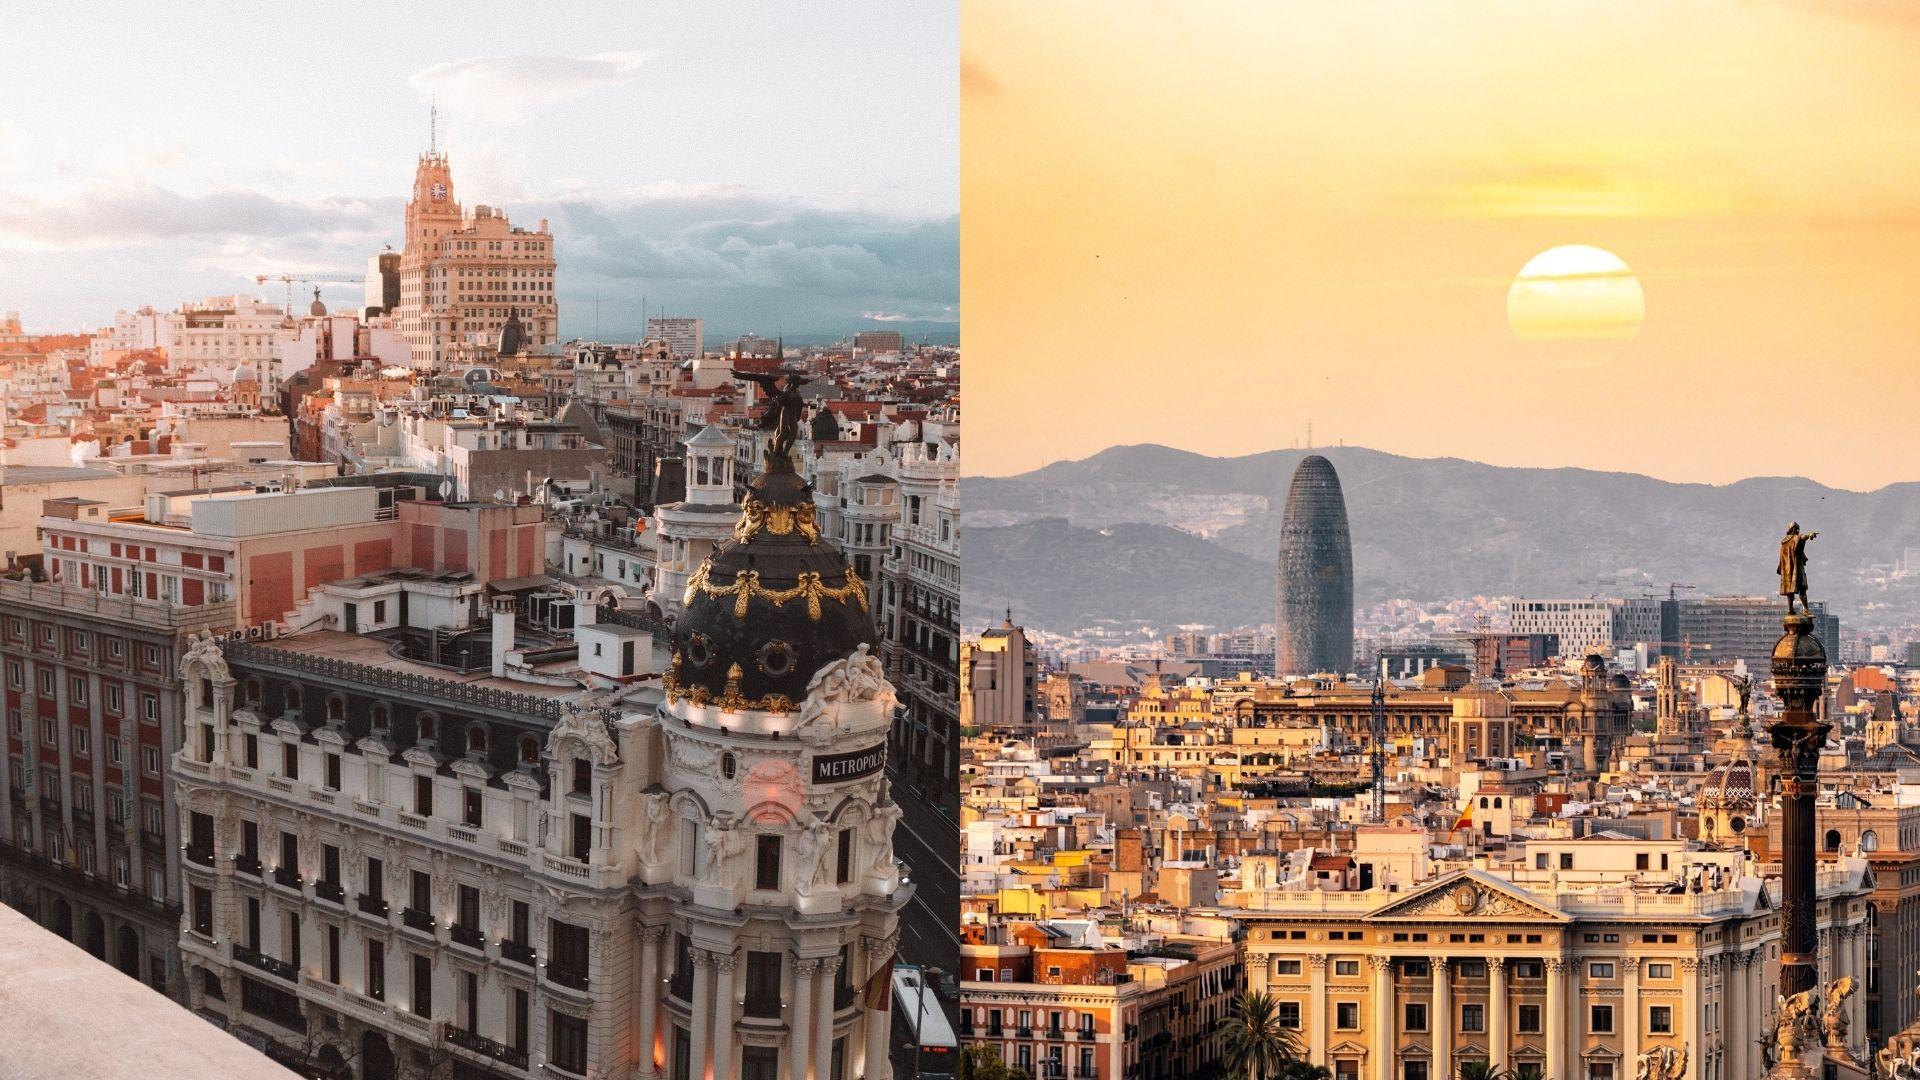 Испания может открыться российских туристов летом 2021